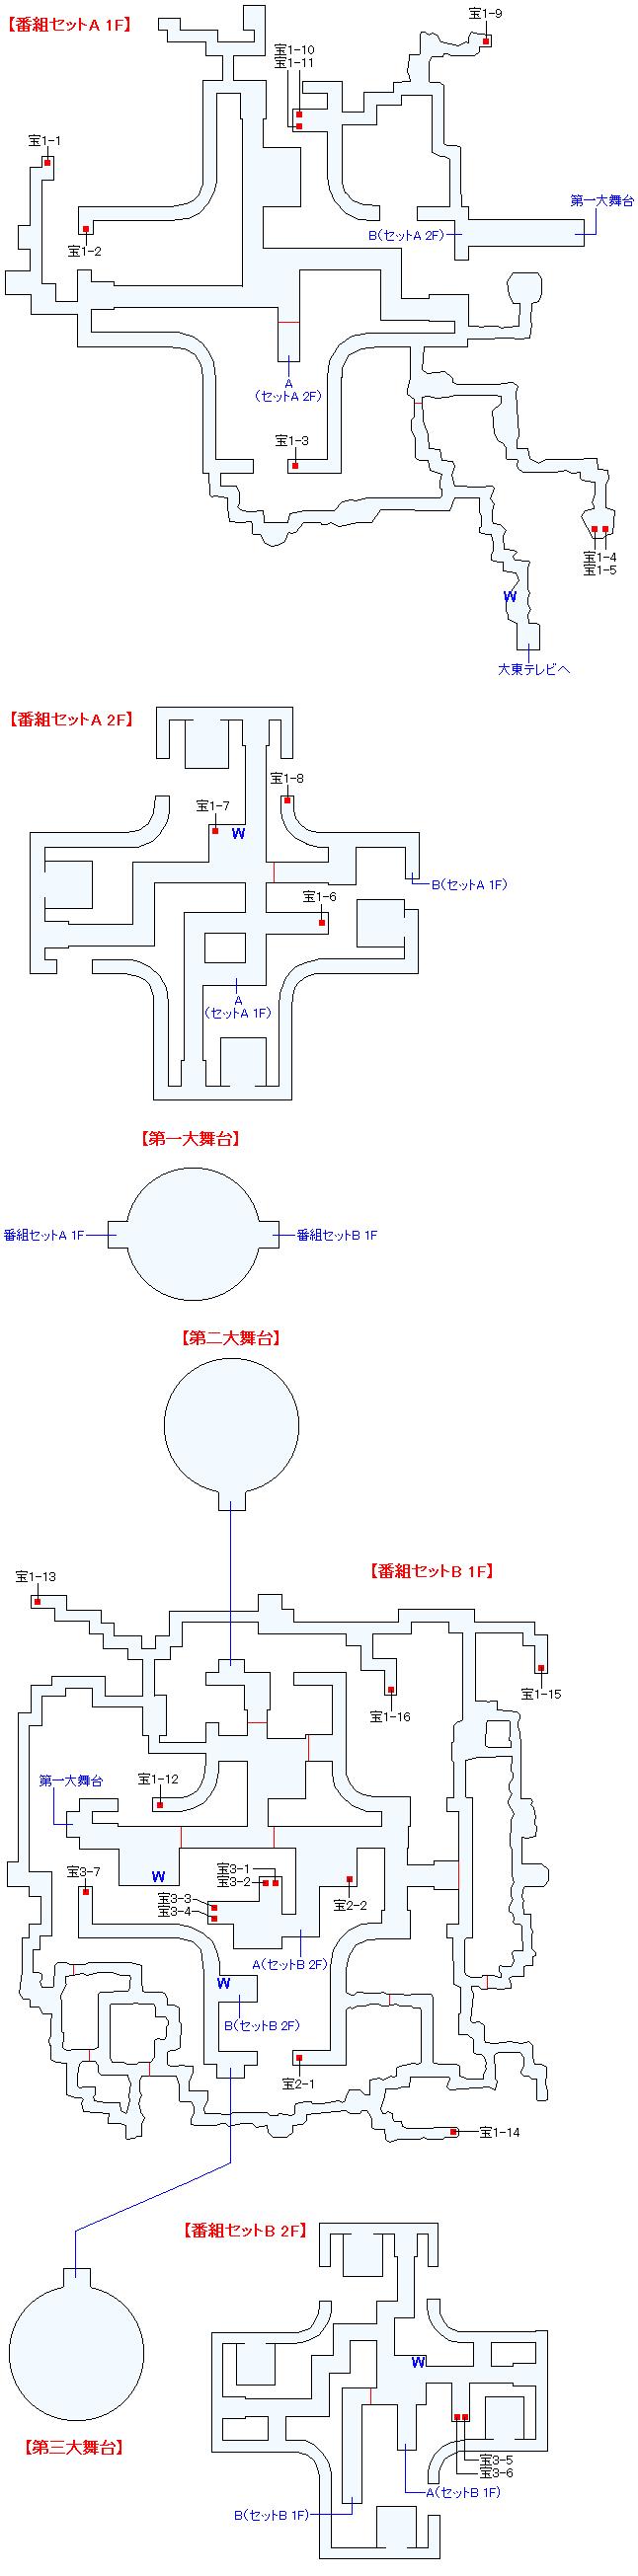 マップ画像・幻想大東テレビ